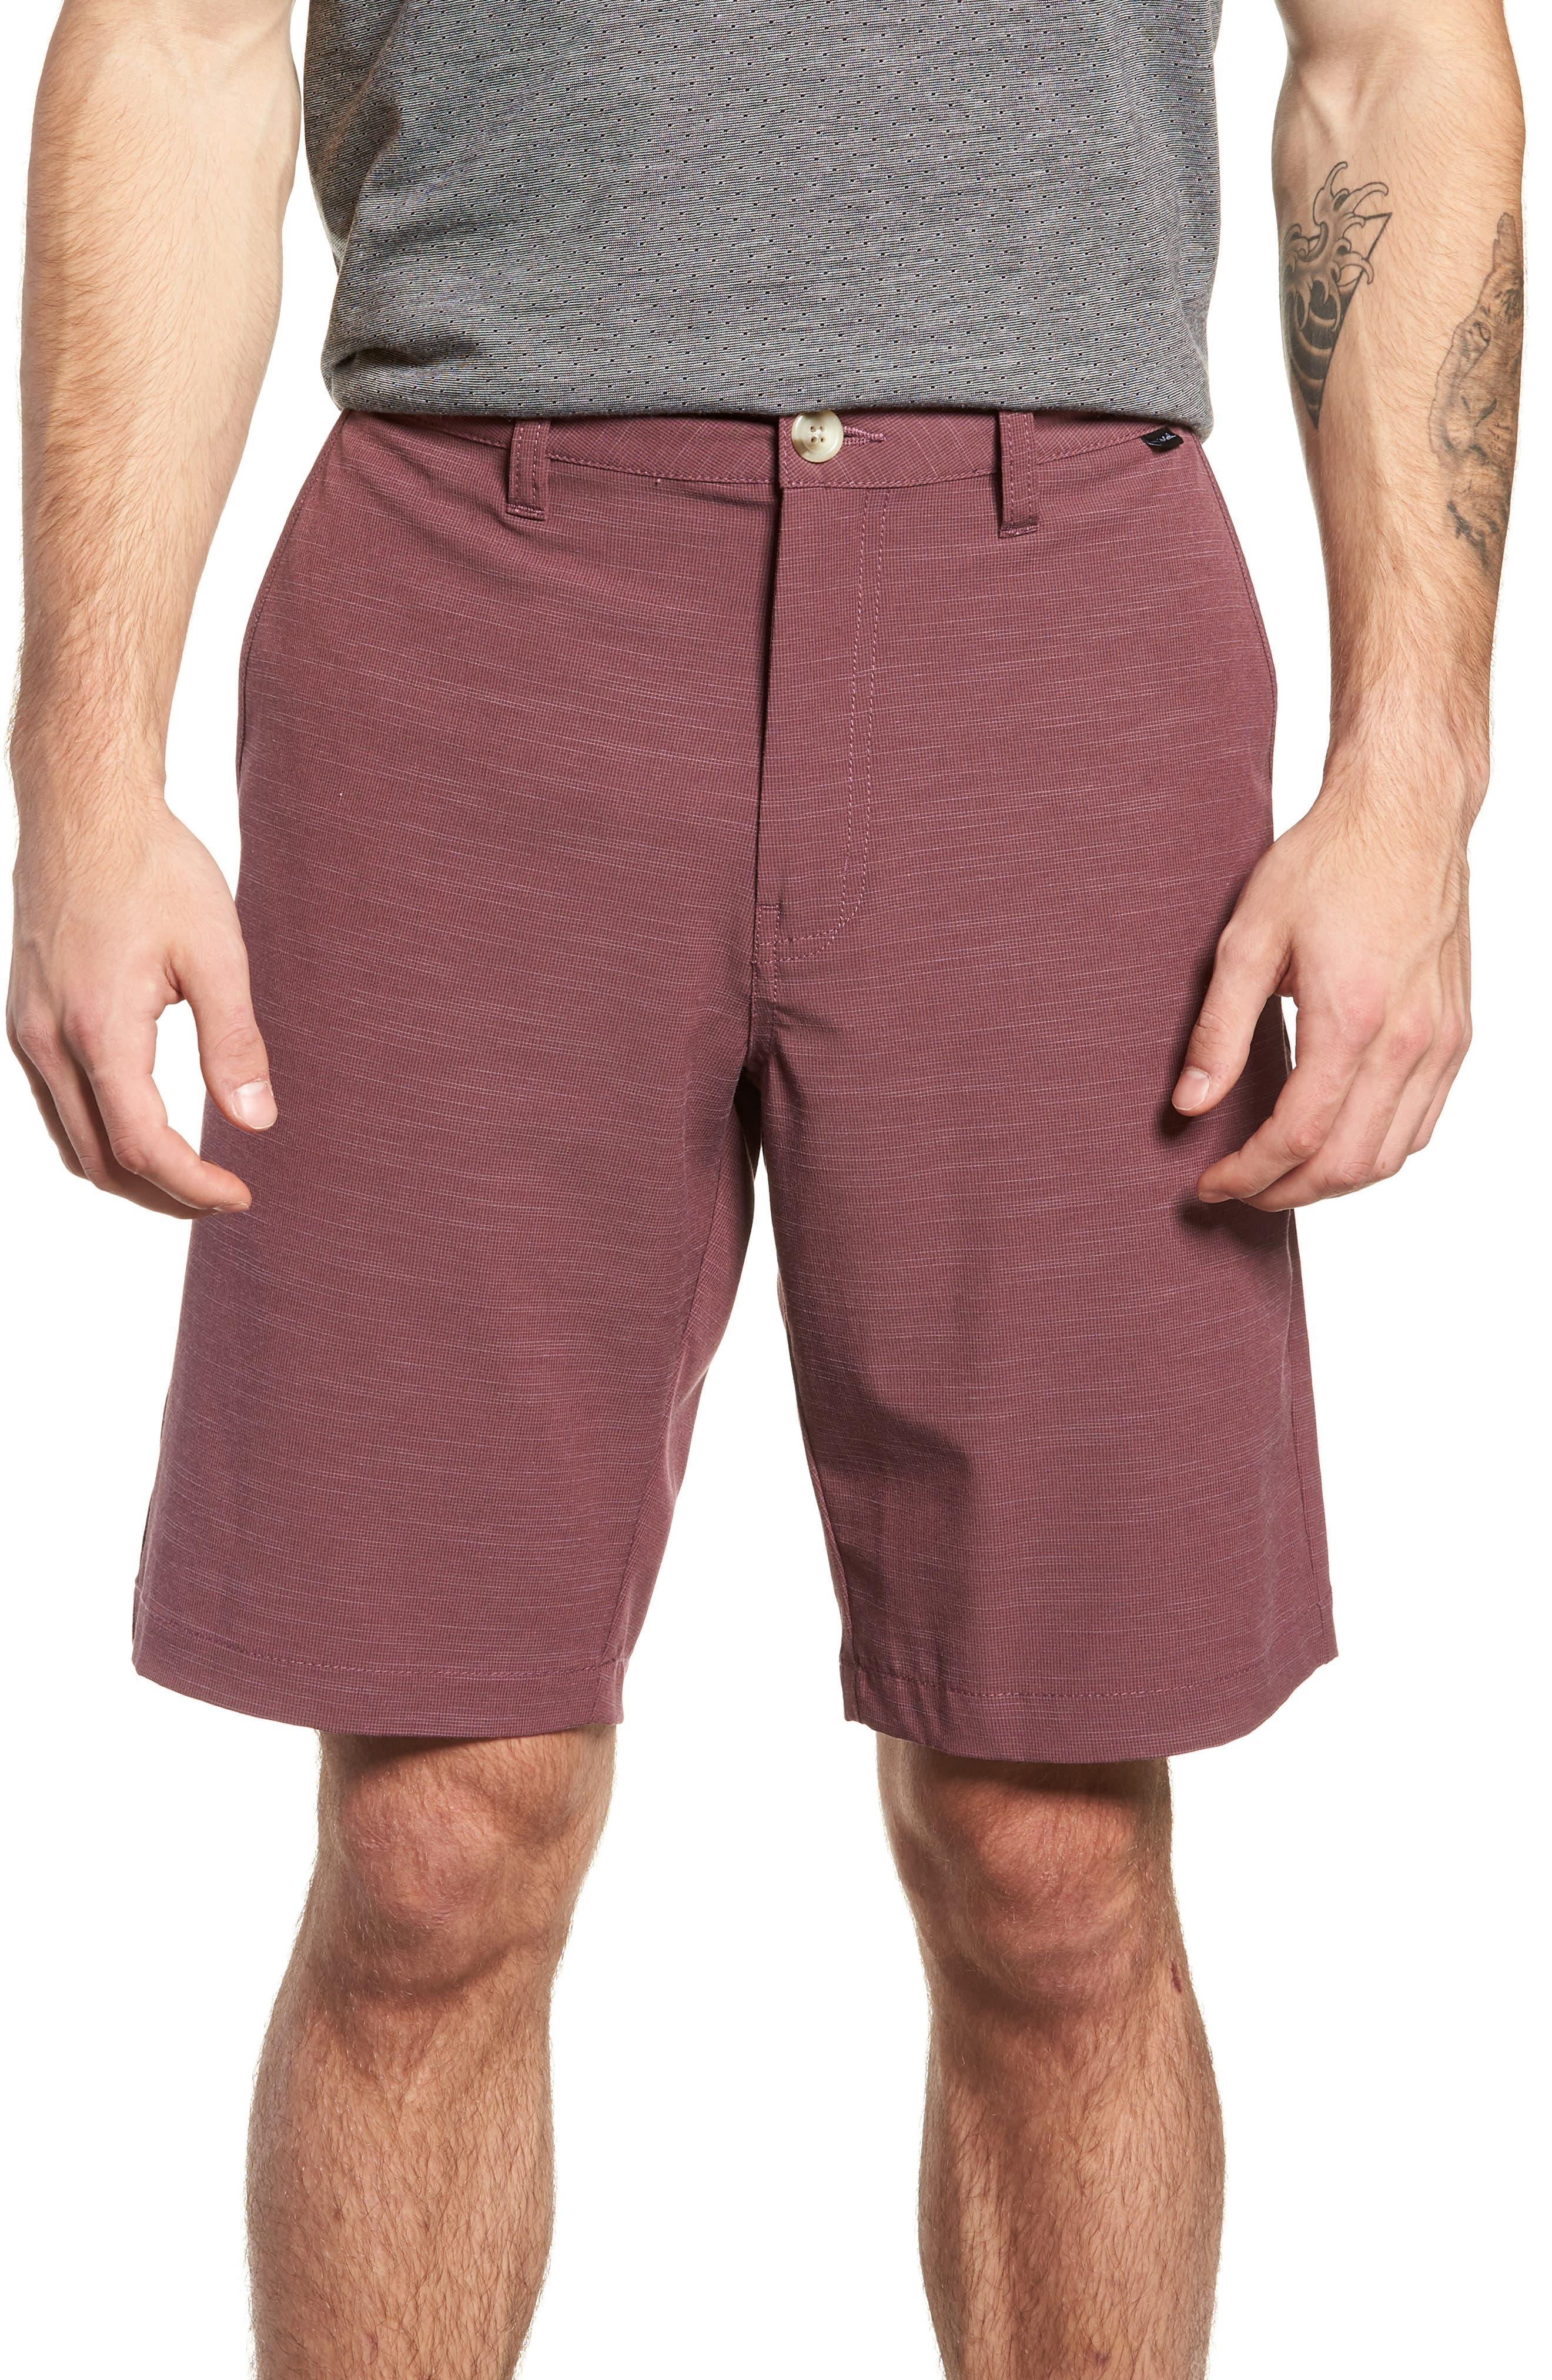 Tuner Shorts,                             Main thumbnail 1, color,                             EGGPLANT